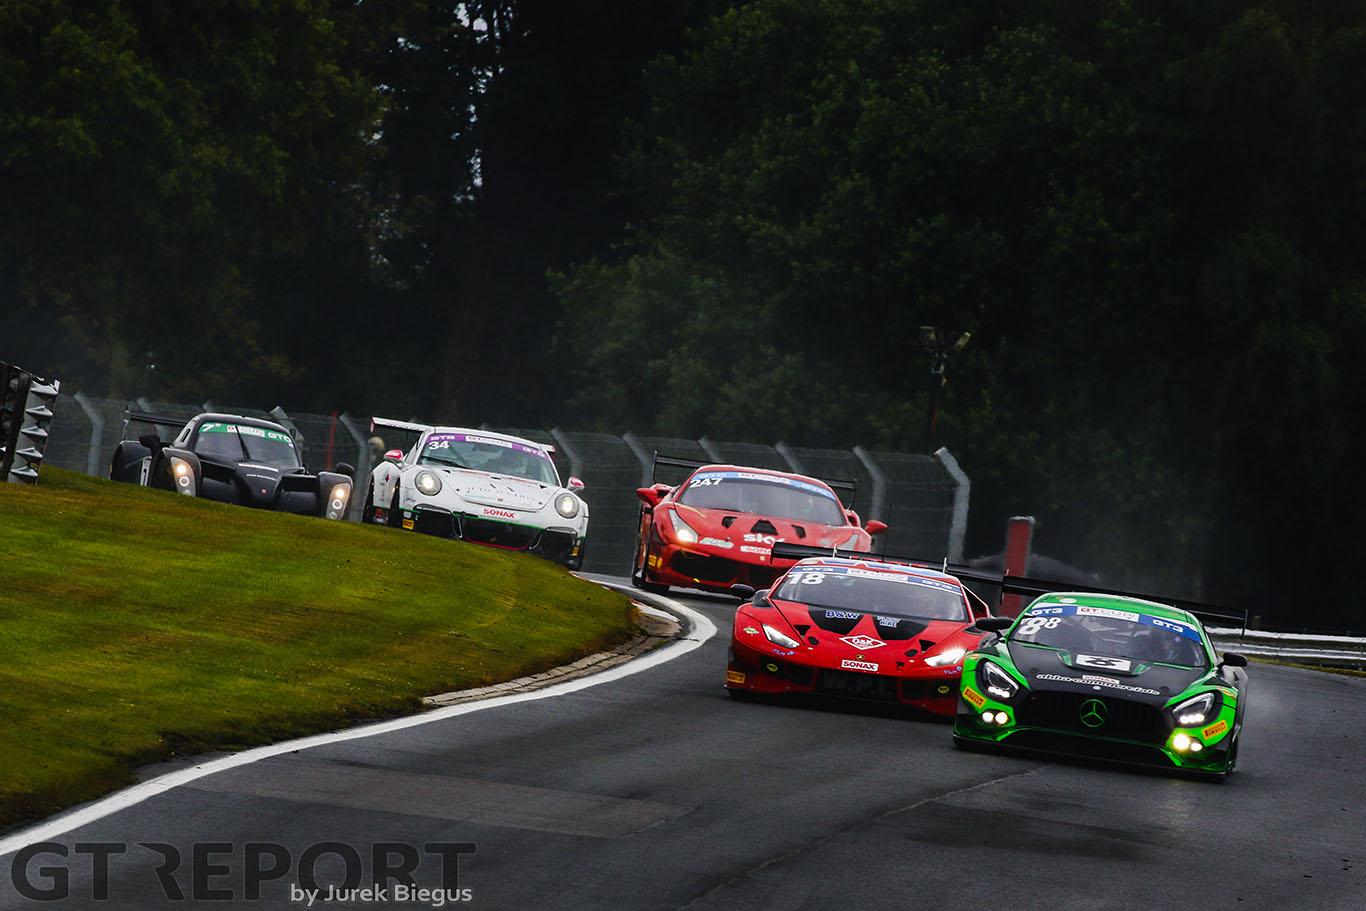 GT Cup Oulton Park race report